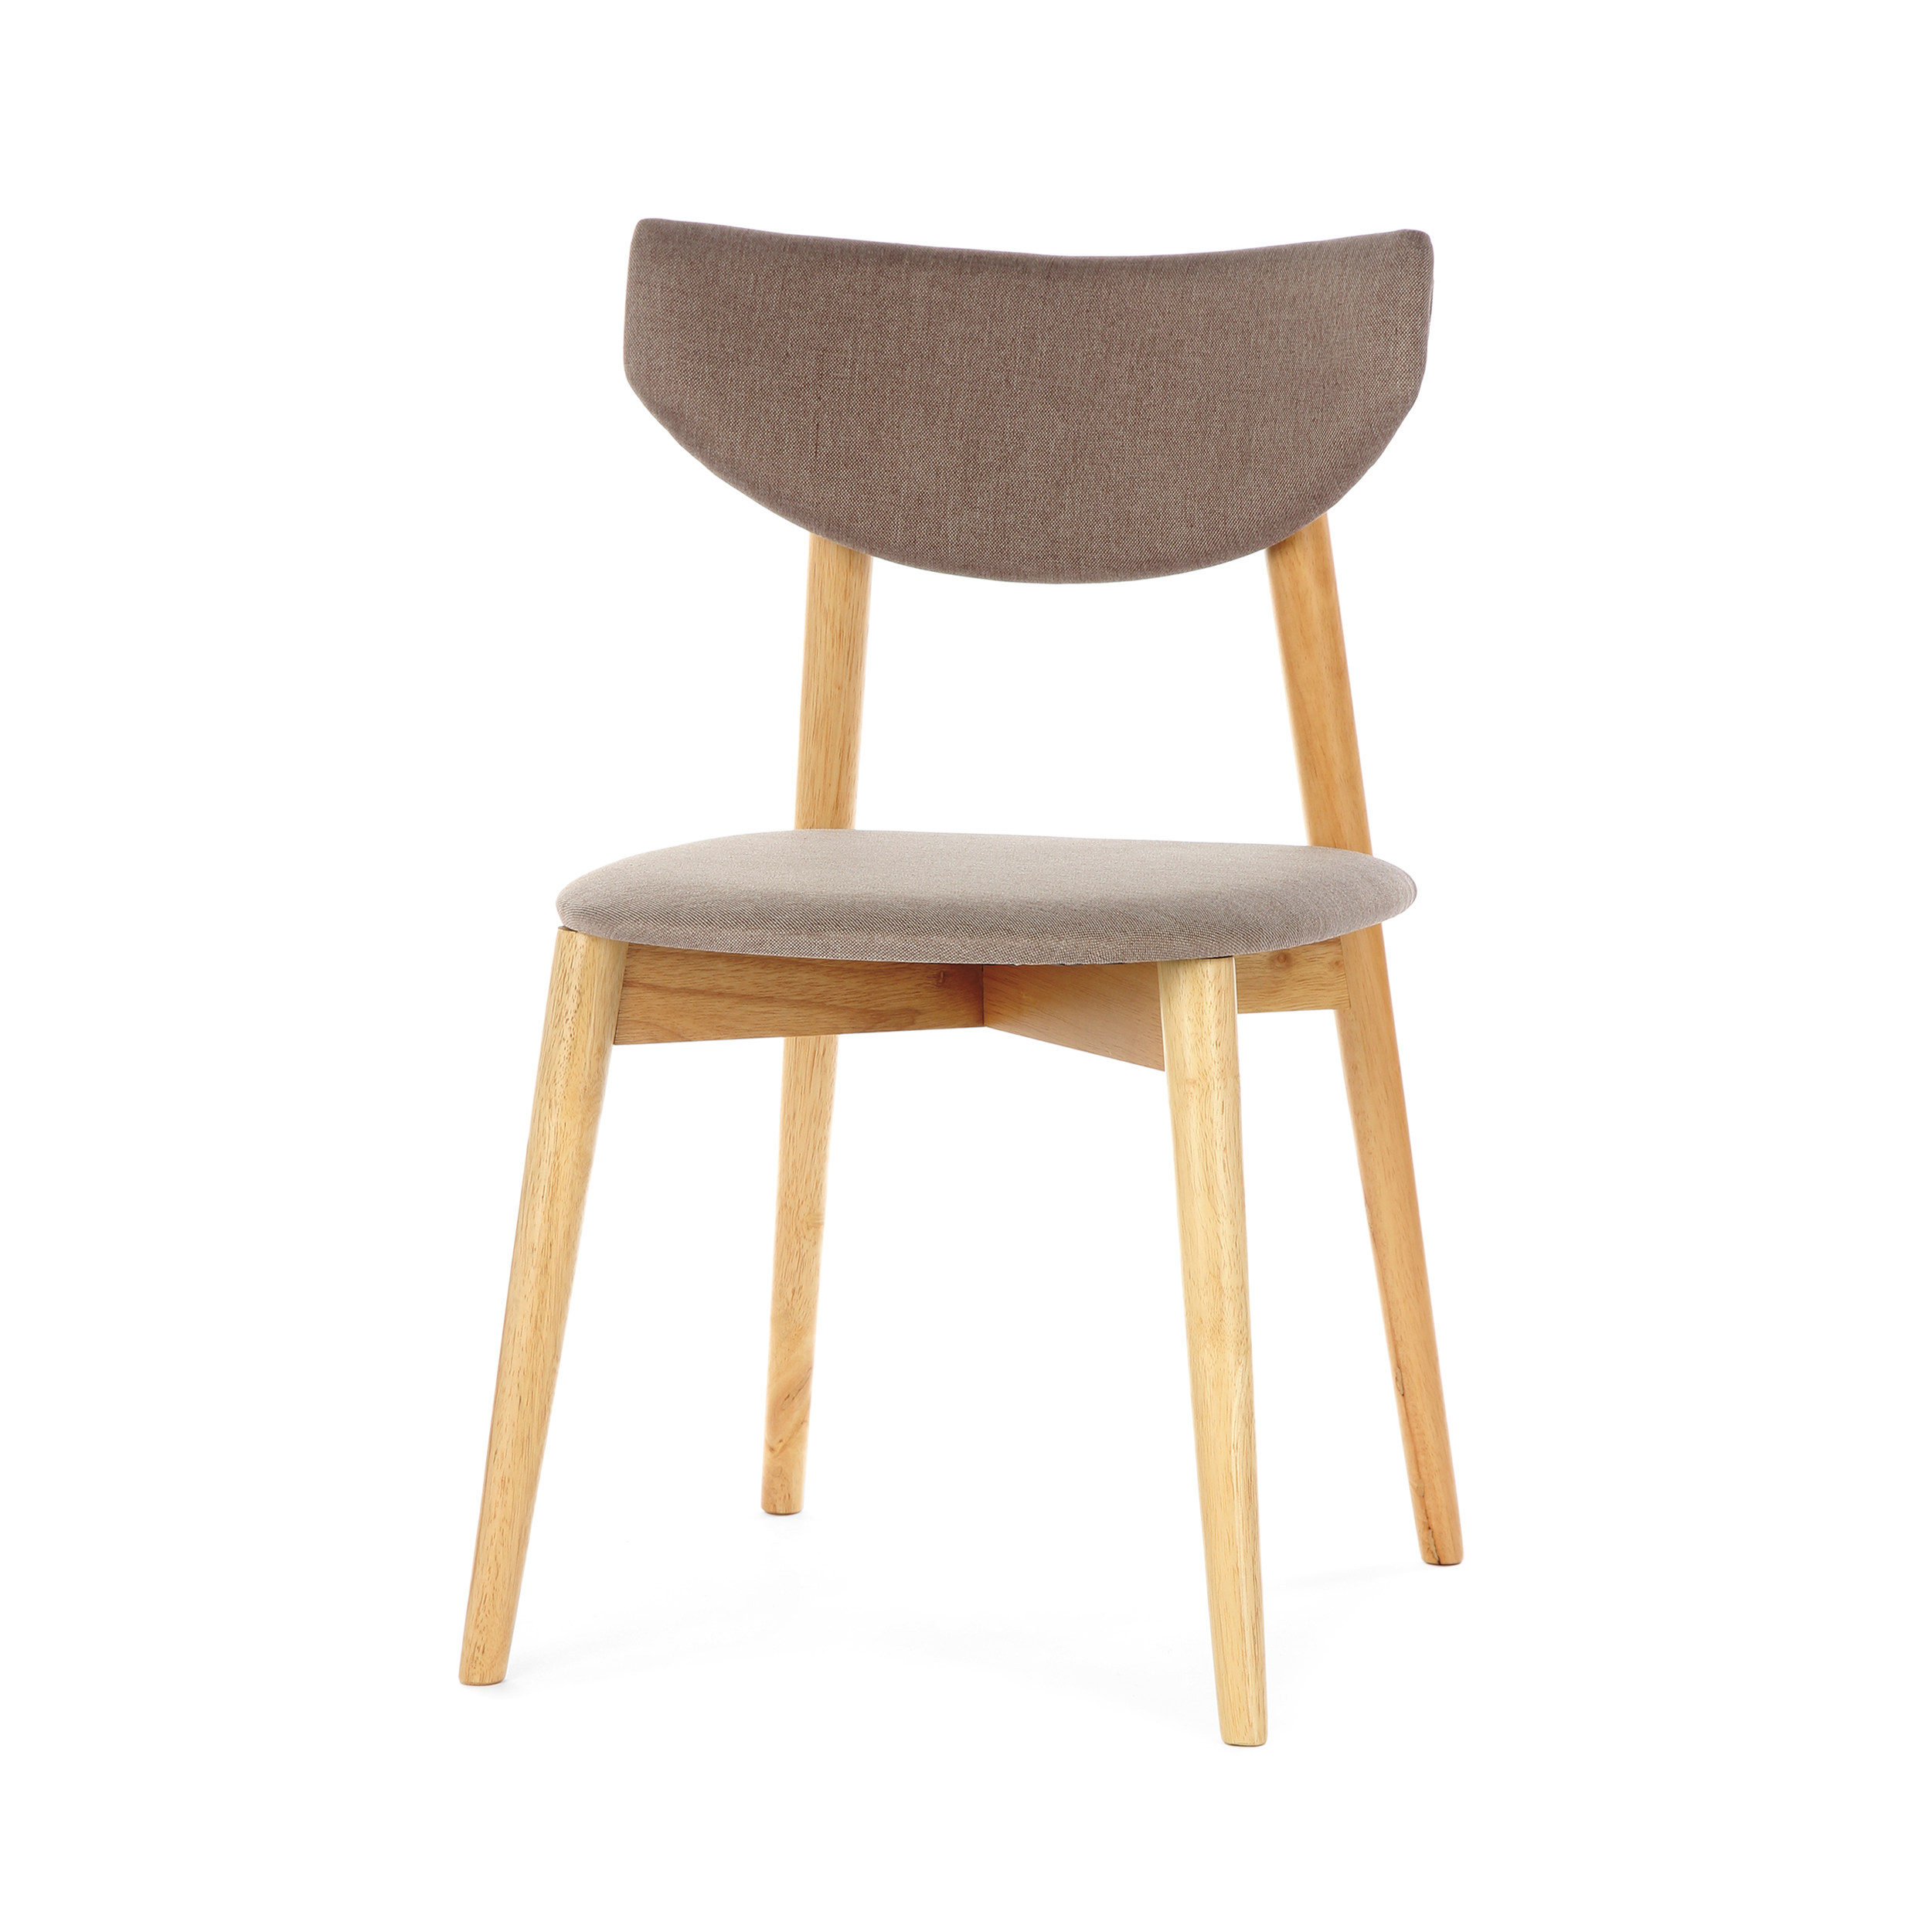 Стул JaceИнтерьерные<br>Простой ненавязчивый дизайн и стильные цвета — стул Jace обладает универсальным назначением и может применяться в самых разных местах. Дизайнер предусмотрел, чтобы изделие было как можно более удобным: спинка стула словно обтекает спину, благодаря чему сохранять правильную осанку на нем можно легко и без напряжения. На выбор предлагаются два цветовых решения: легкий бежево-серый и яркий и позитивный бирюзовый.<br><br><br> Стул Jace является прекрасным представителем мебели из каучукового дерева...<br><br>stock: 17<br>Высота: 80.5<br>Ширина: 49<br>Глубина: 48<br>Цвет ножек: Светло-коричневый<br>Материал ножек: Массив каучукового дерева<br>Материал сидения: Полиэстер<br>Цвет сидения: Бежево-серый<br>Тип материала сидения: Ткань<br>Тип материала ножек: Дерево